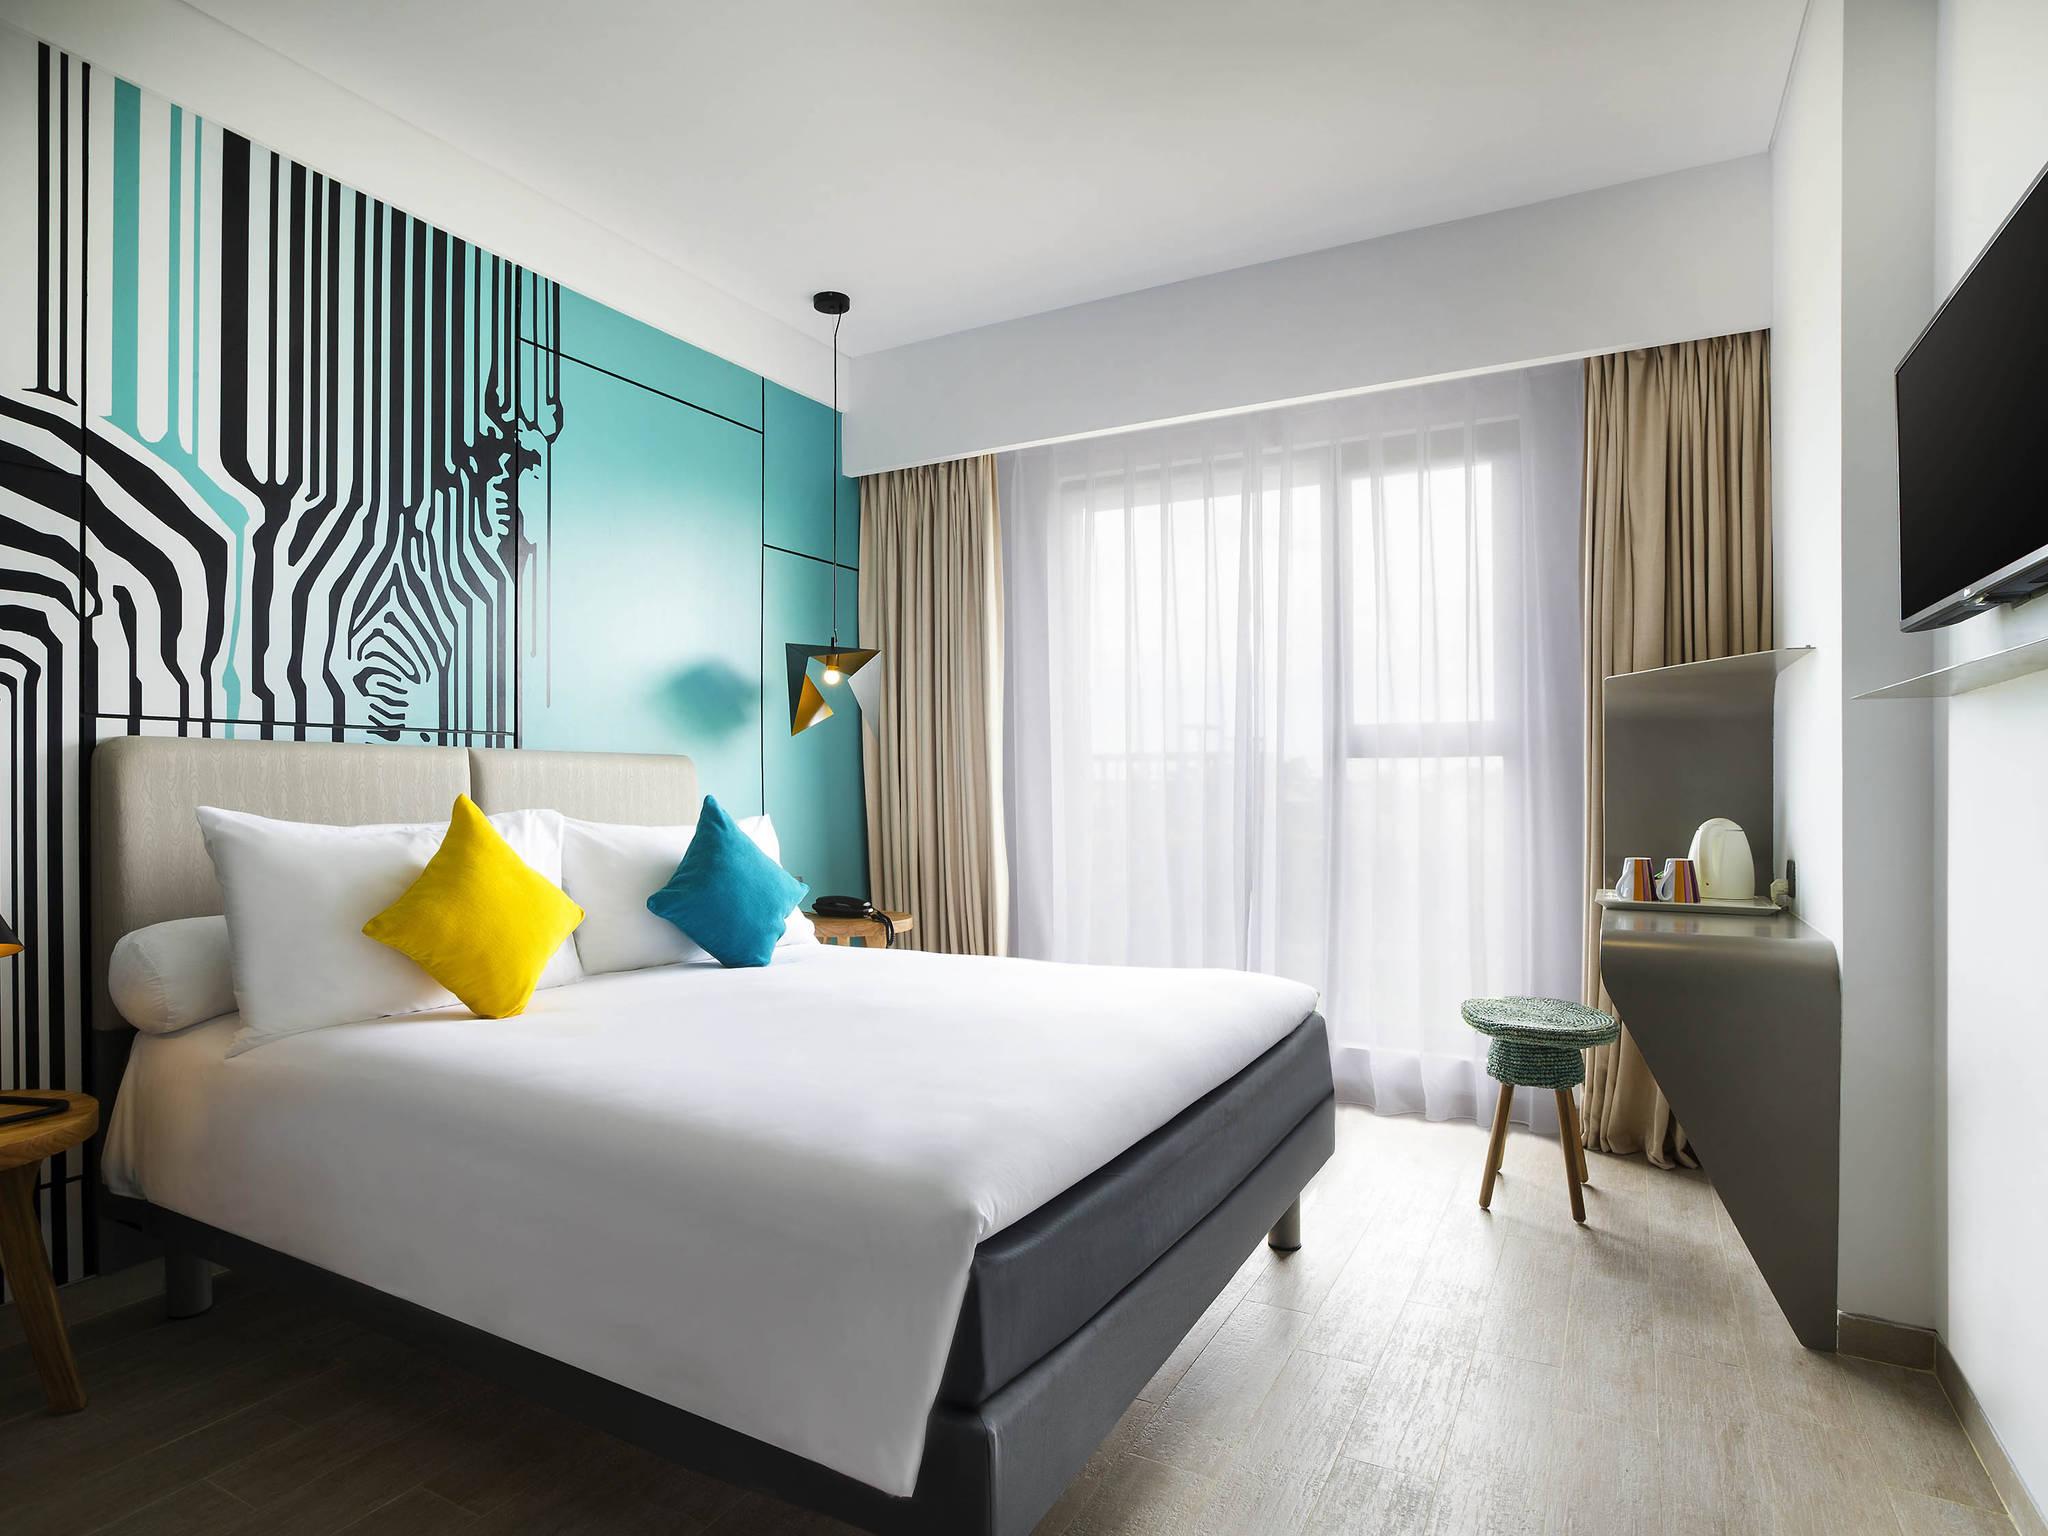 ホテル – イビス スタイルズ バリ プティティンゲット